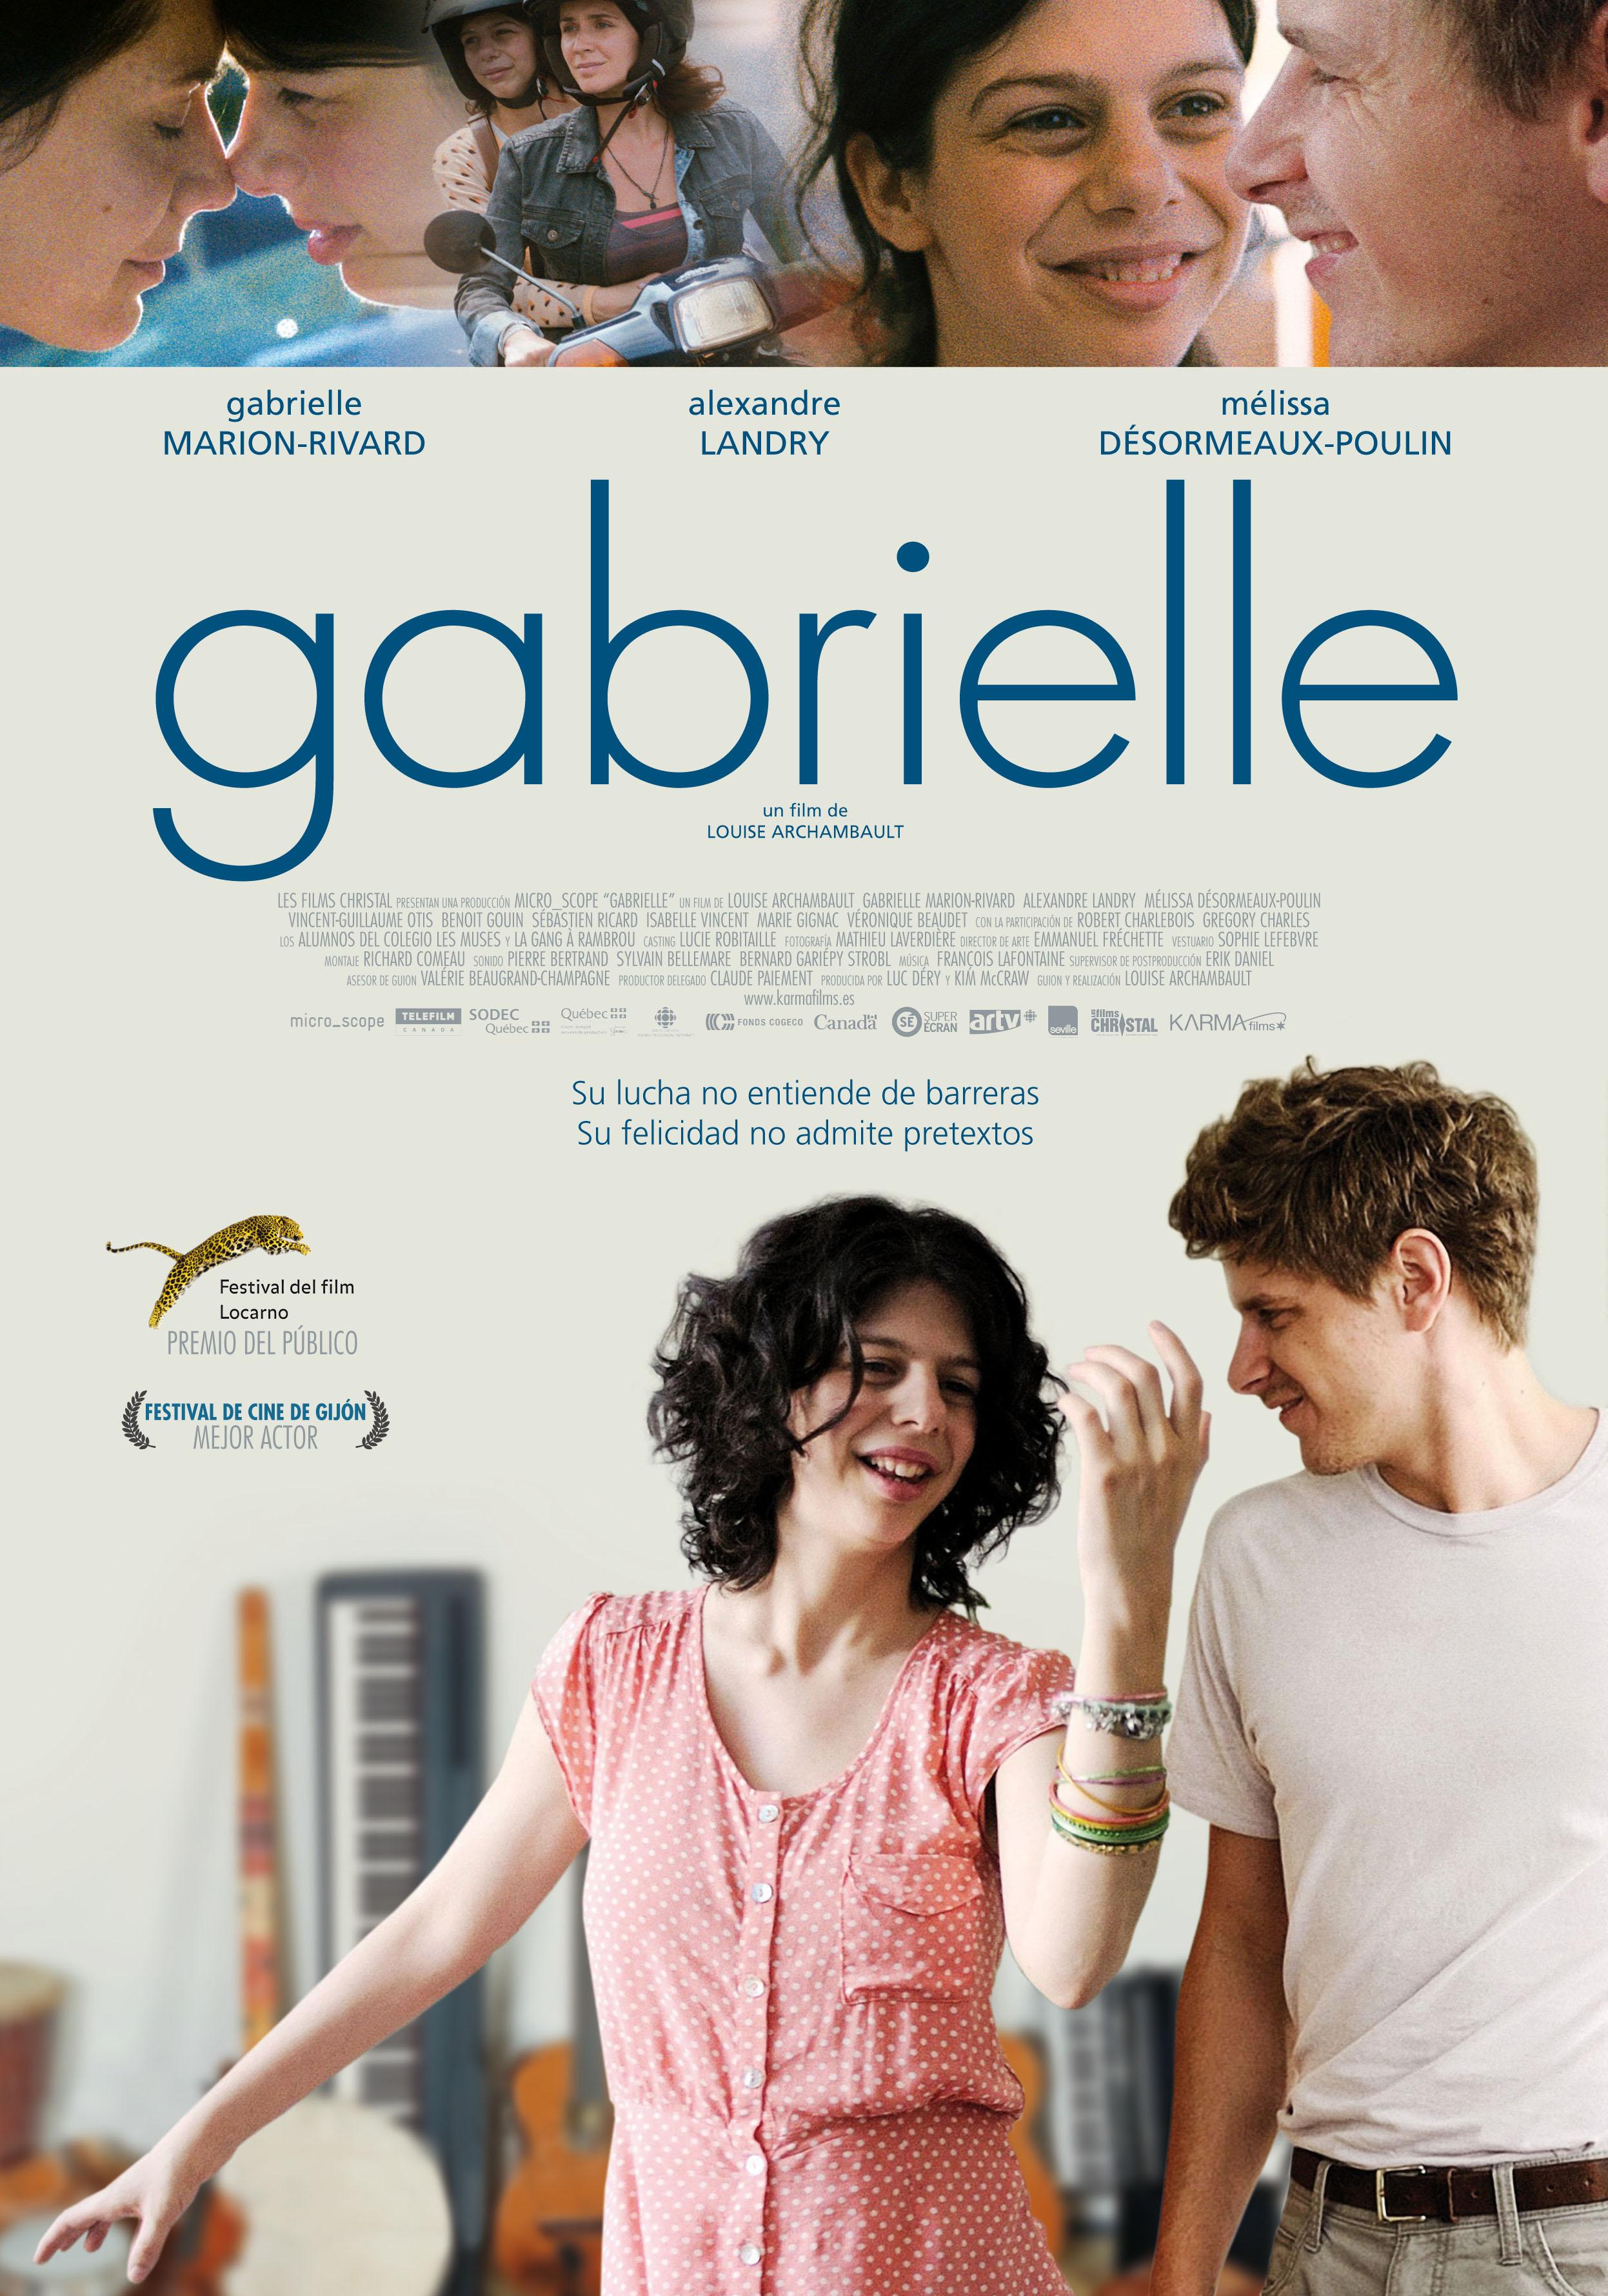 20 de marzo - Gabrielle - Louise Archambault